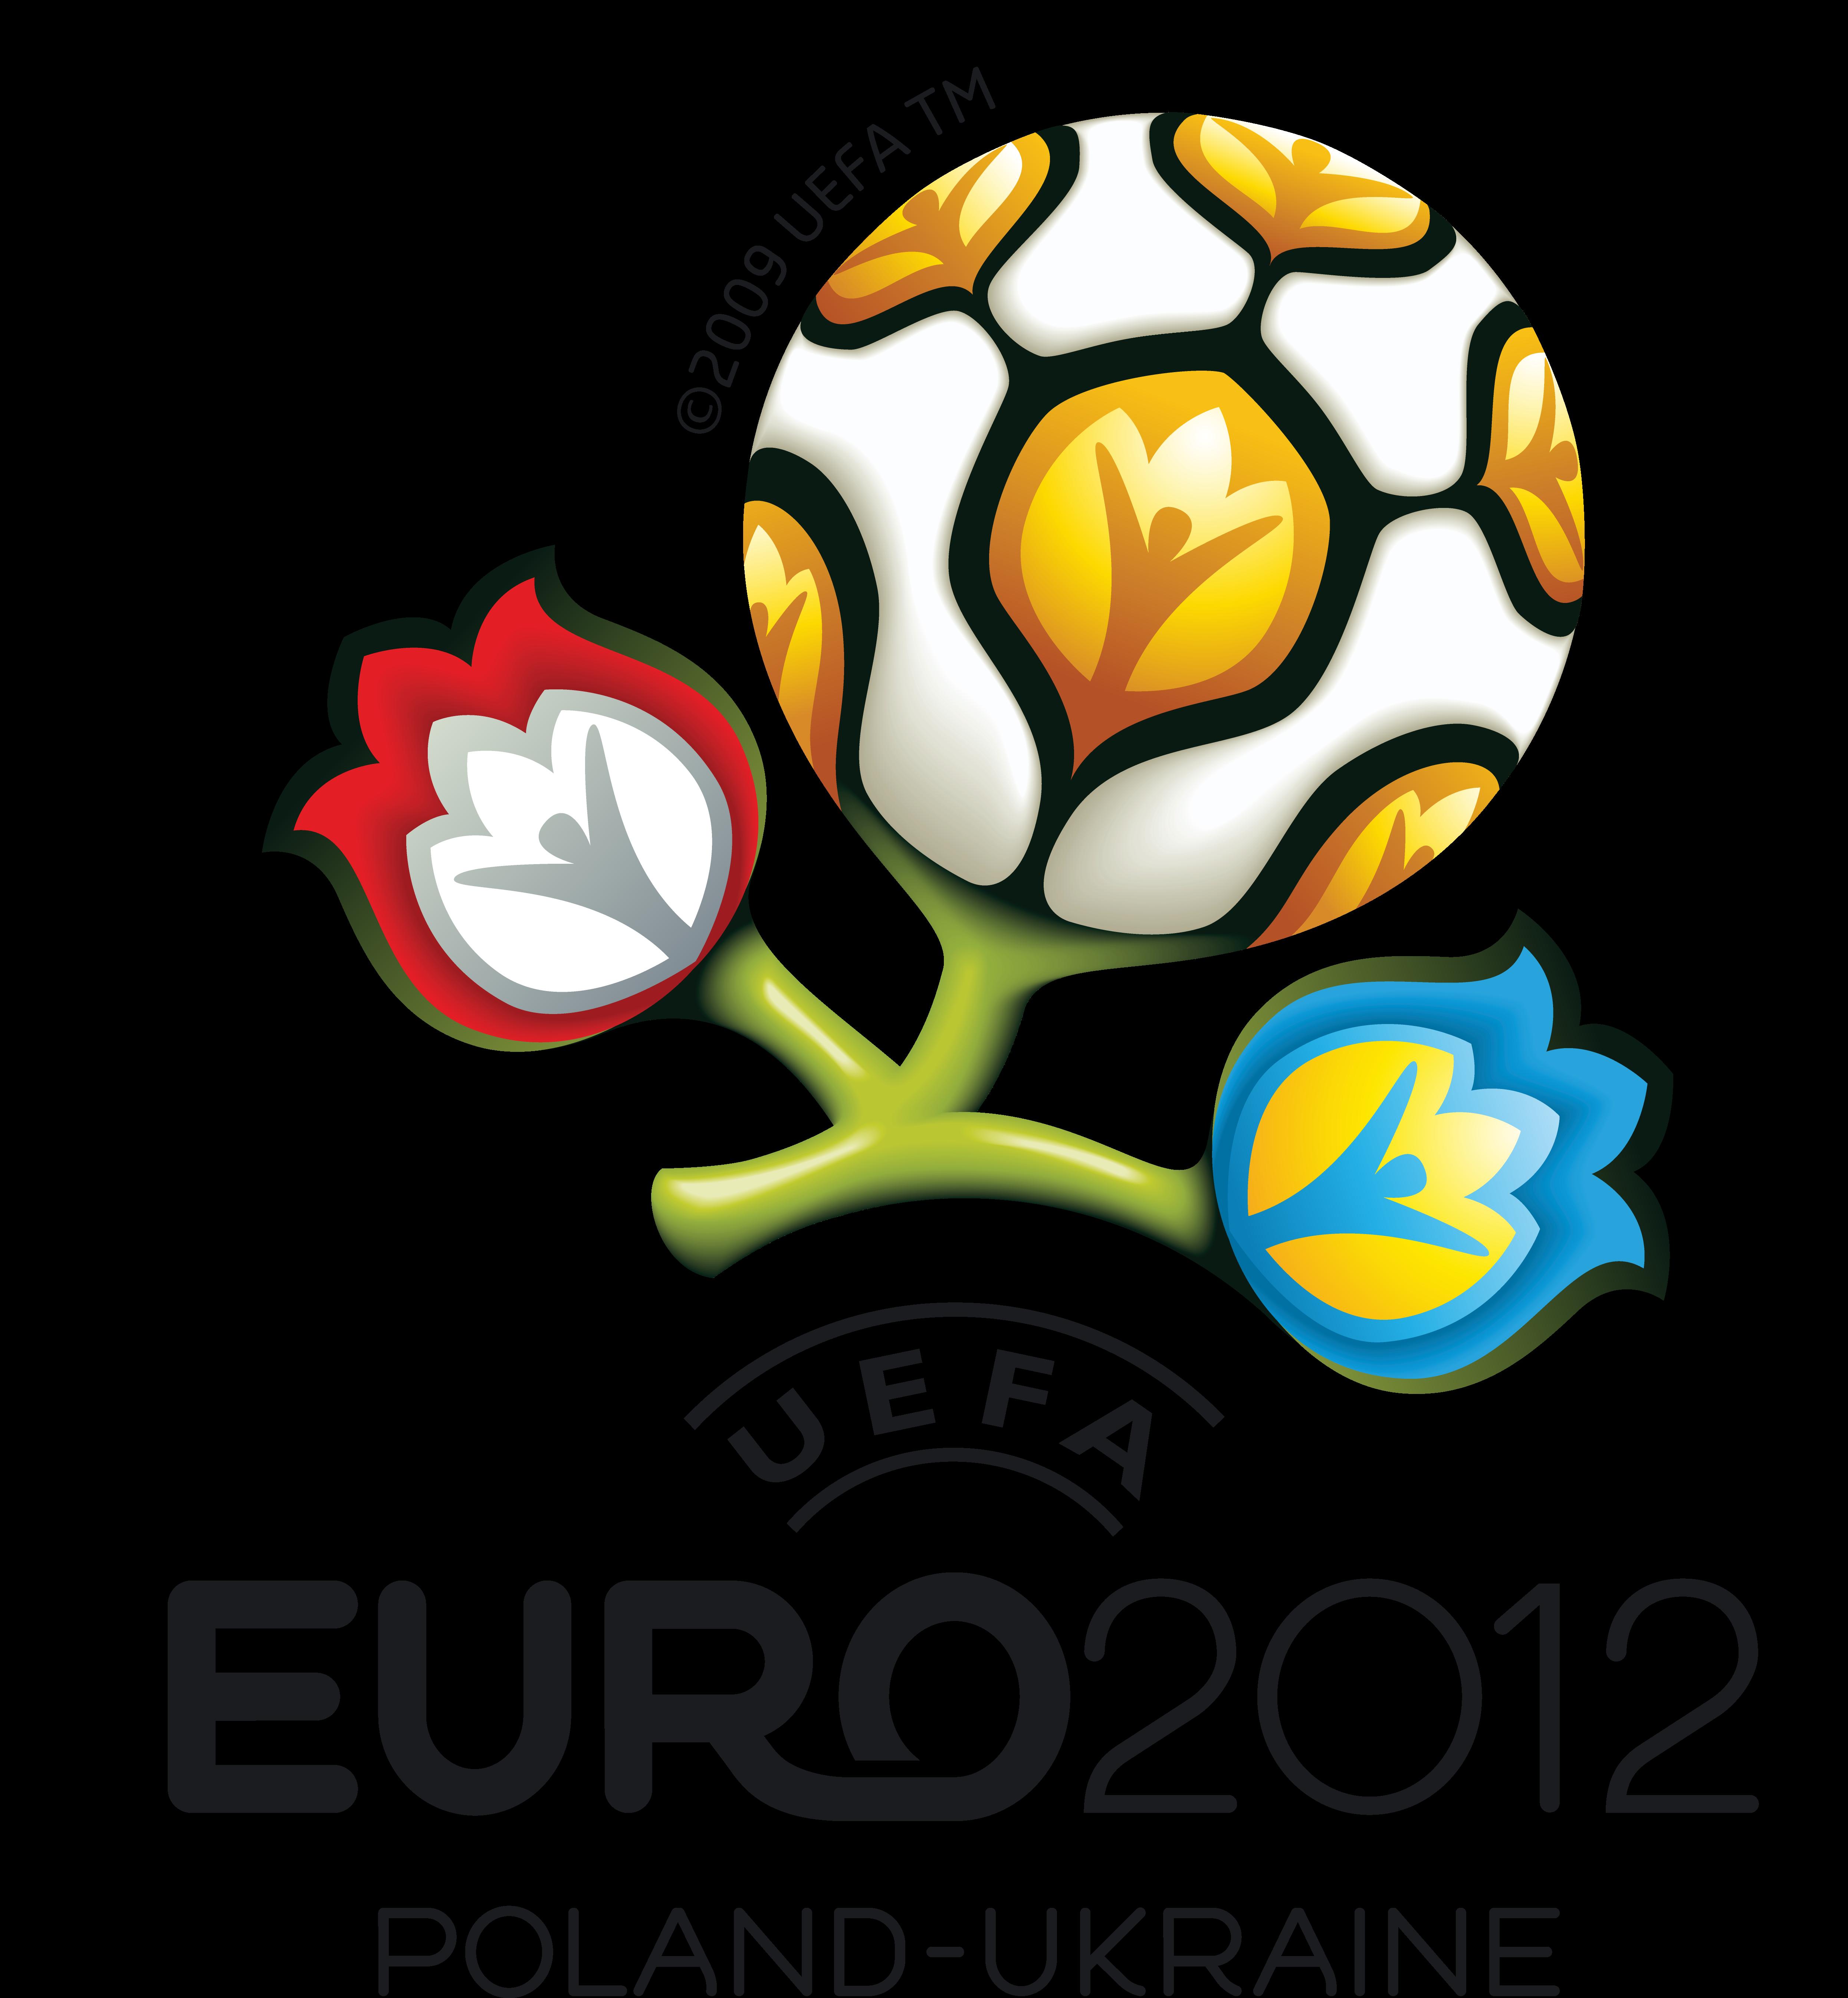 *~°¨¨¨ليبي: إسبانيا تحيك المؤامرت، اسألوا فياريال*~°¨¨¨ UEFA_Euro_2012_logo.